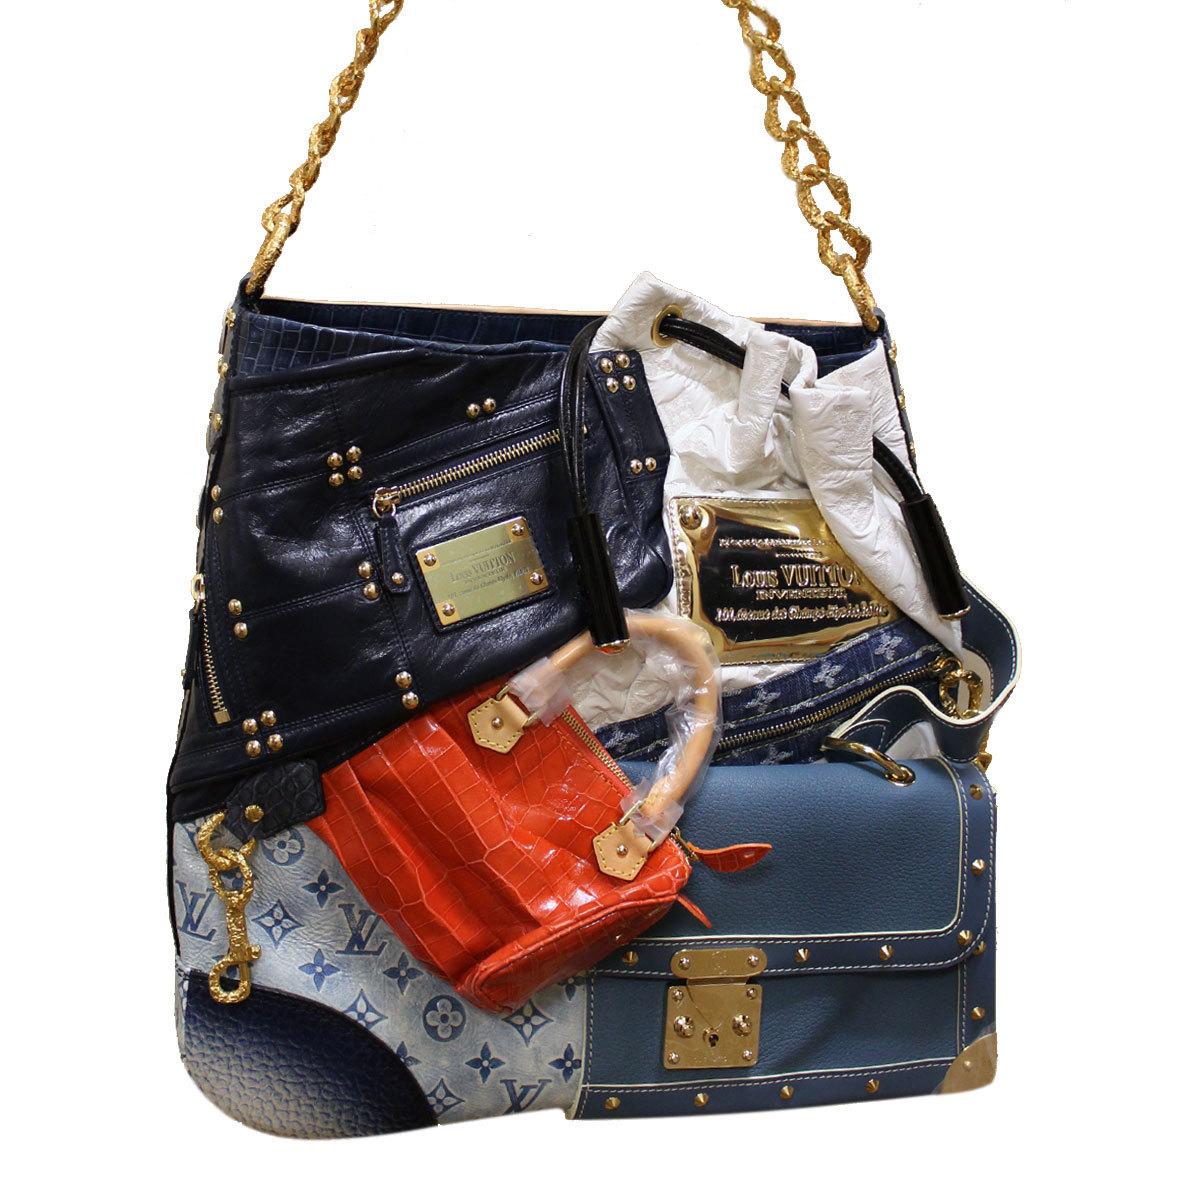 Chiếc túi xách nữ Louis Vuitton Tribute Patchwork đắt giá nhất